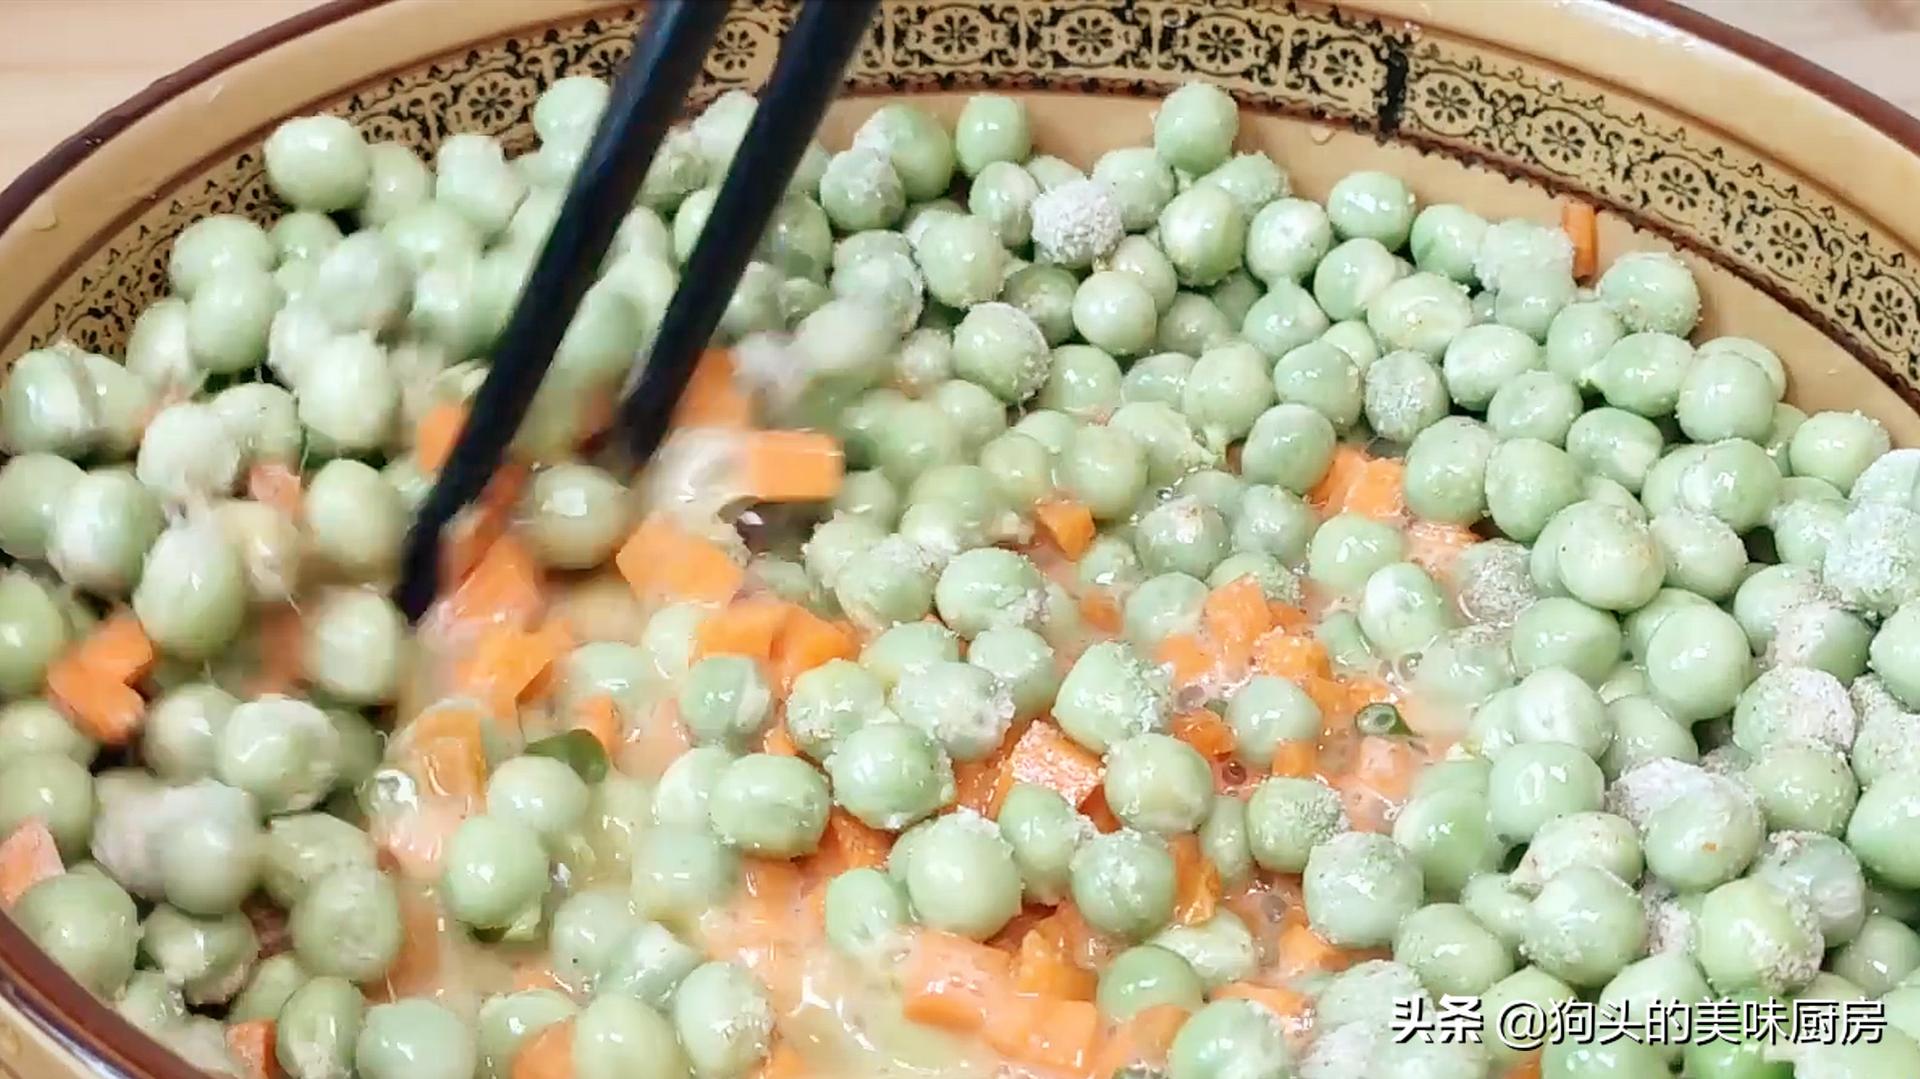 豌豆不要炒着吃了,加两个鸡蛋,比吃肉还香,上桌就抢光 美食做法 第9张